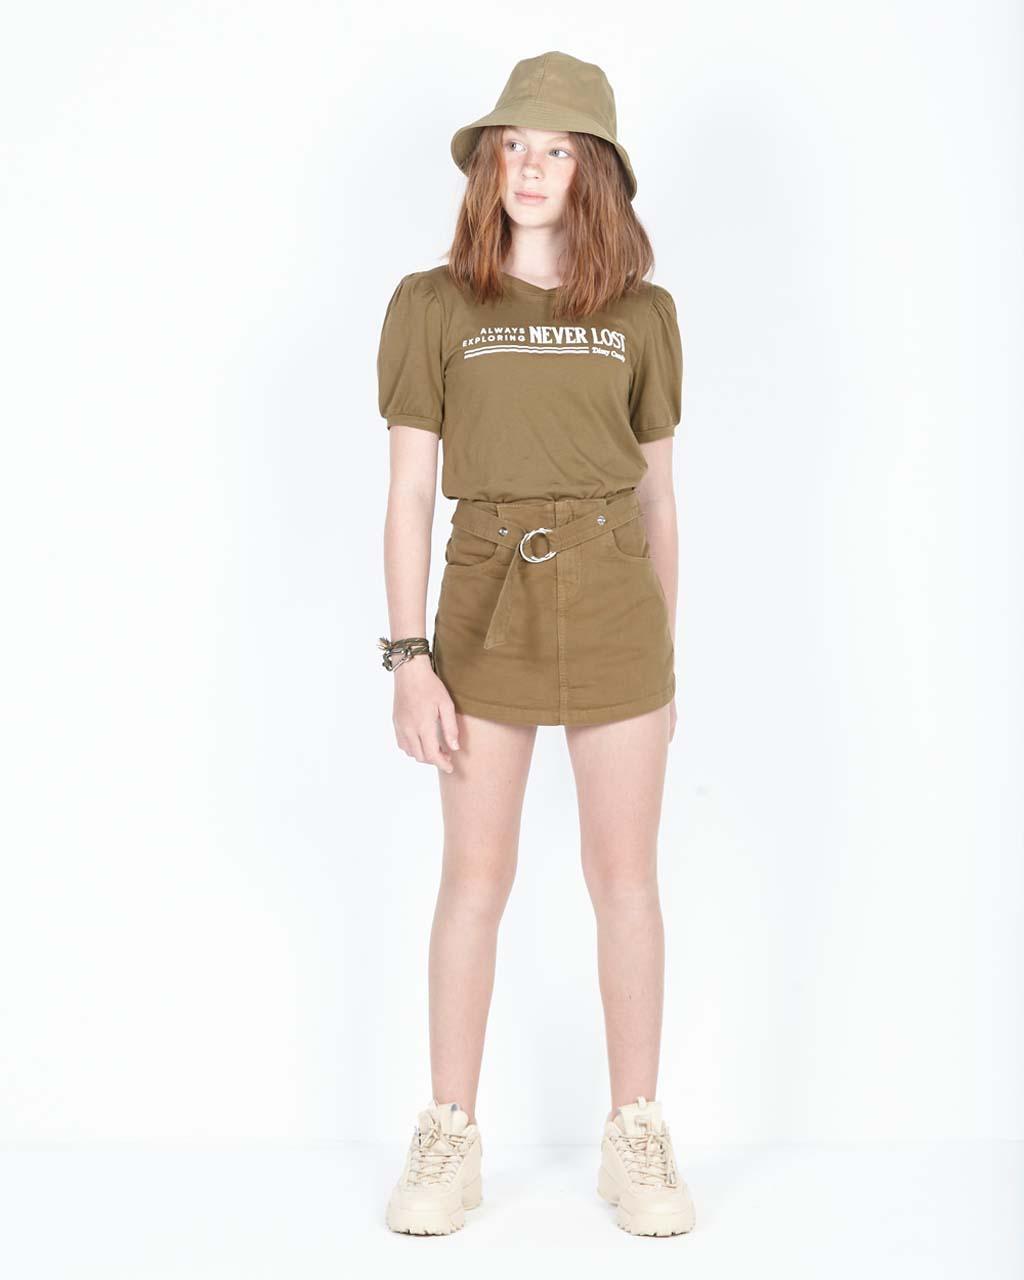 Shorts Saia Teen com Detalhe Removível Verde Militar Dimy Candy